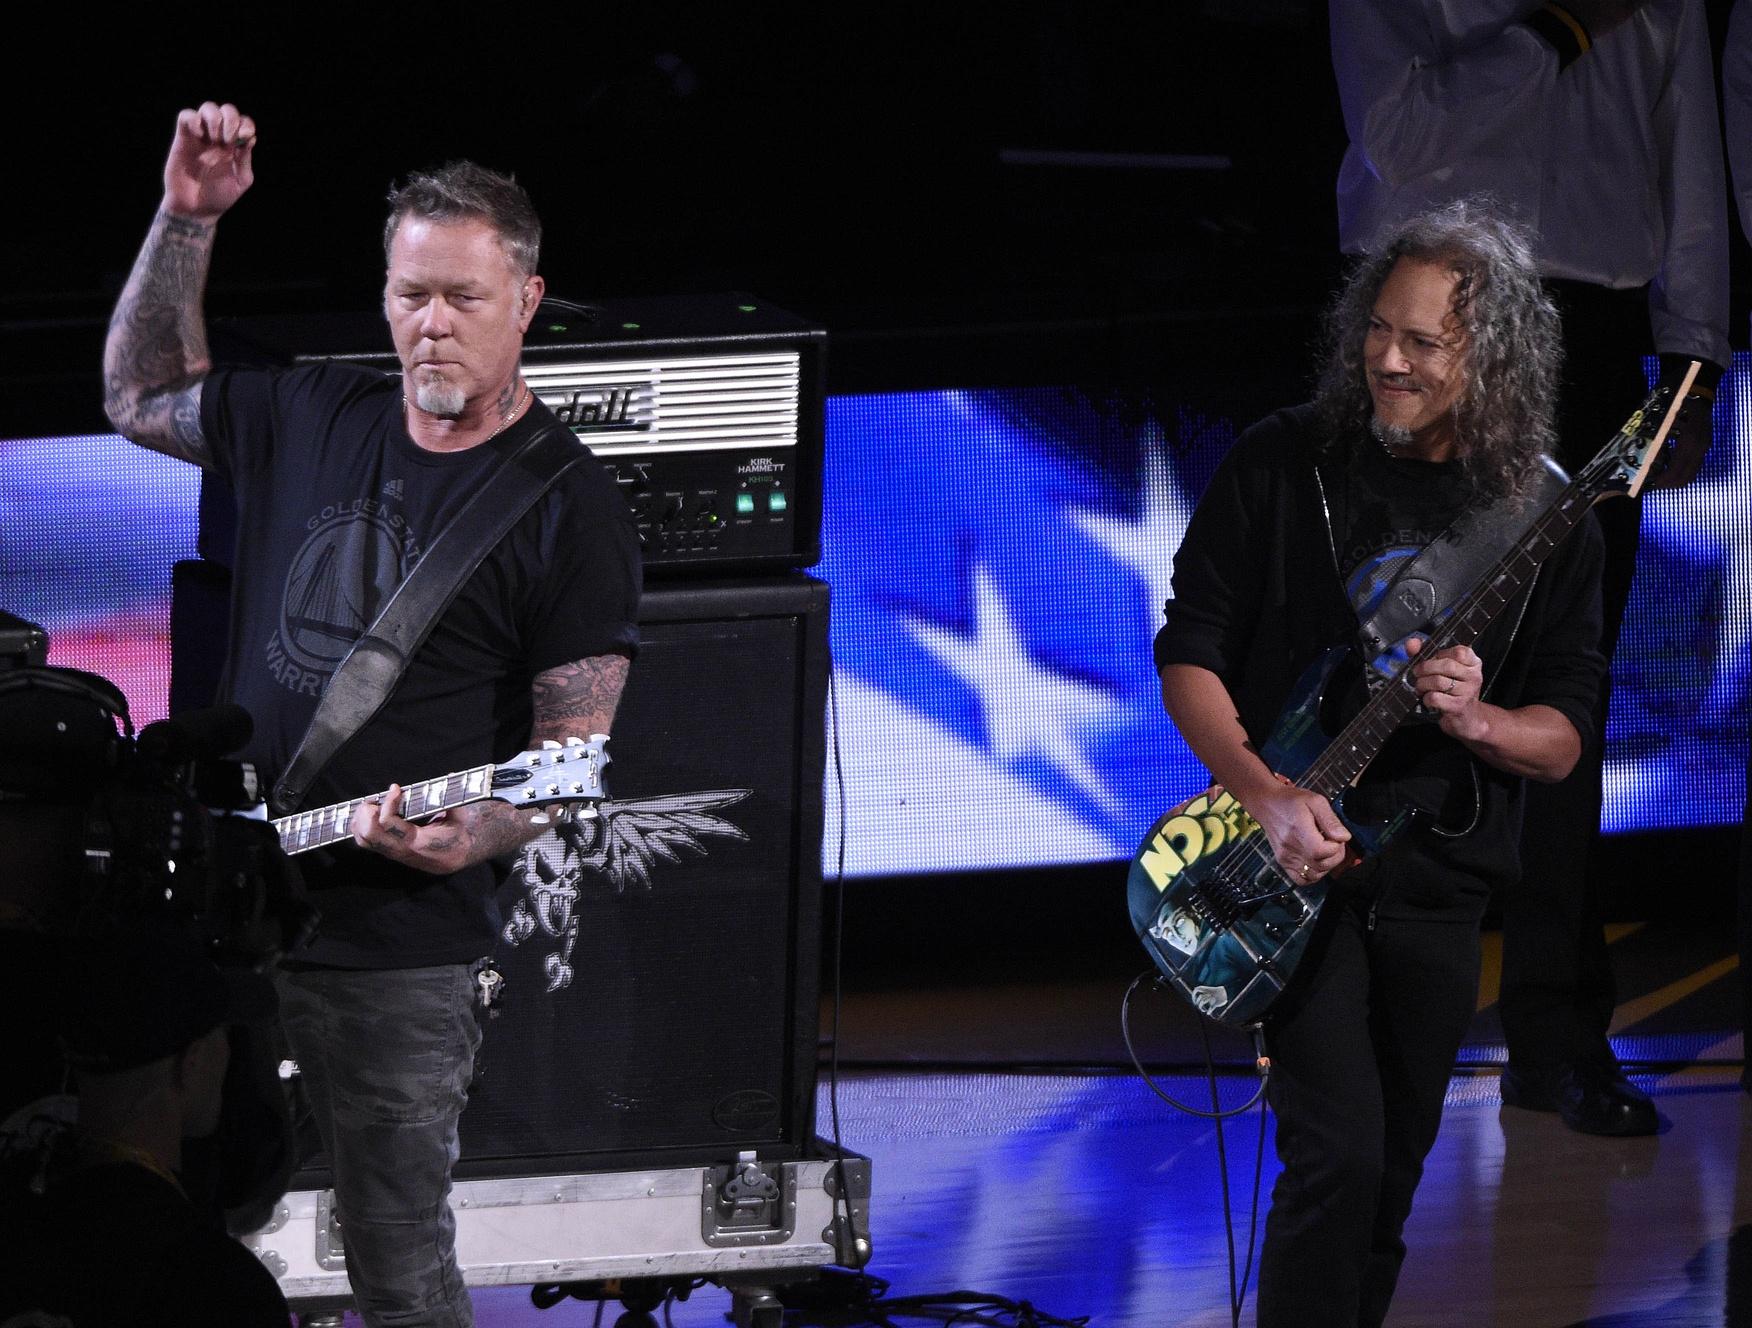 Raiders fan James Hetfield of Metallica